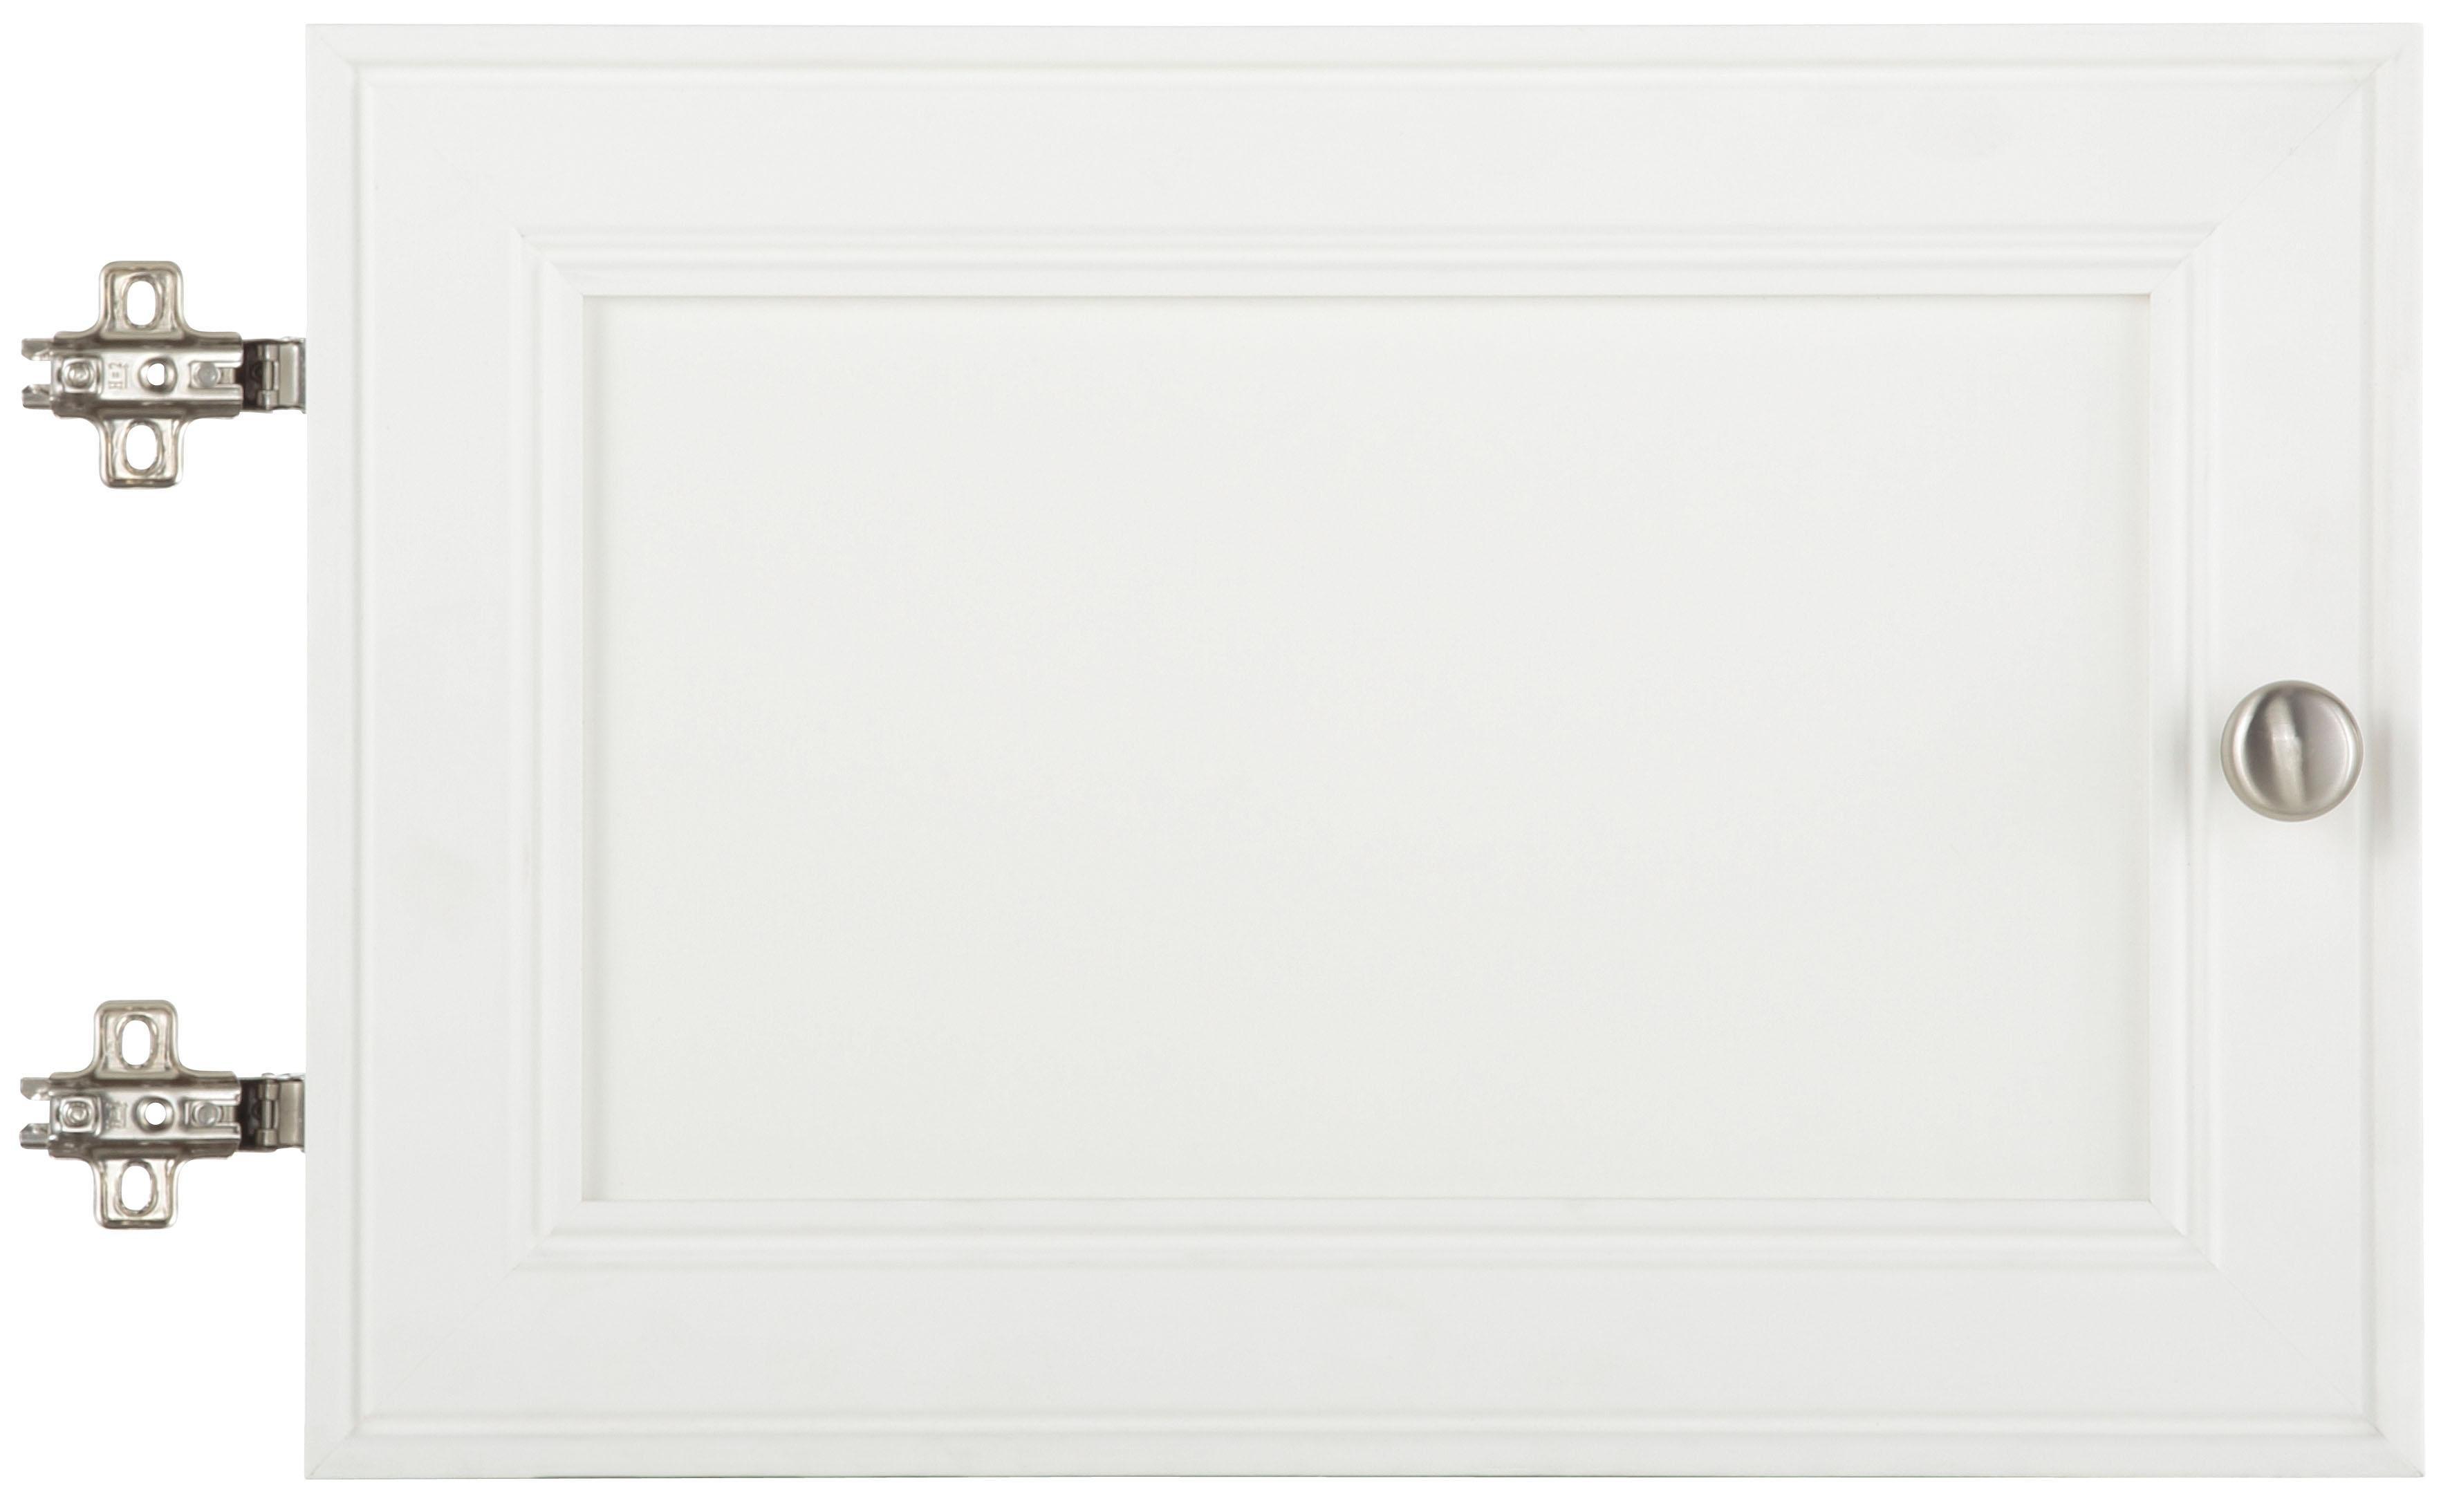 Home affaire kastdeur Lucy geschikt voor kastopzetstukken van 34 cm hoog bestellen: 30 dagen bedenktijd